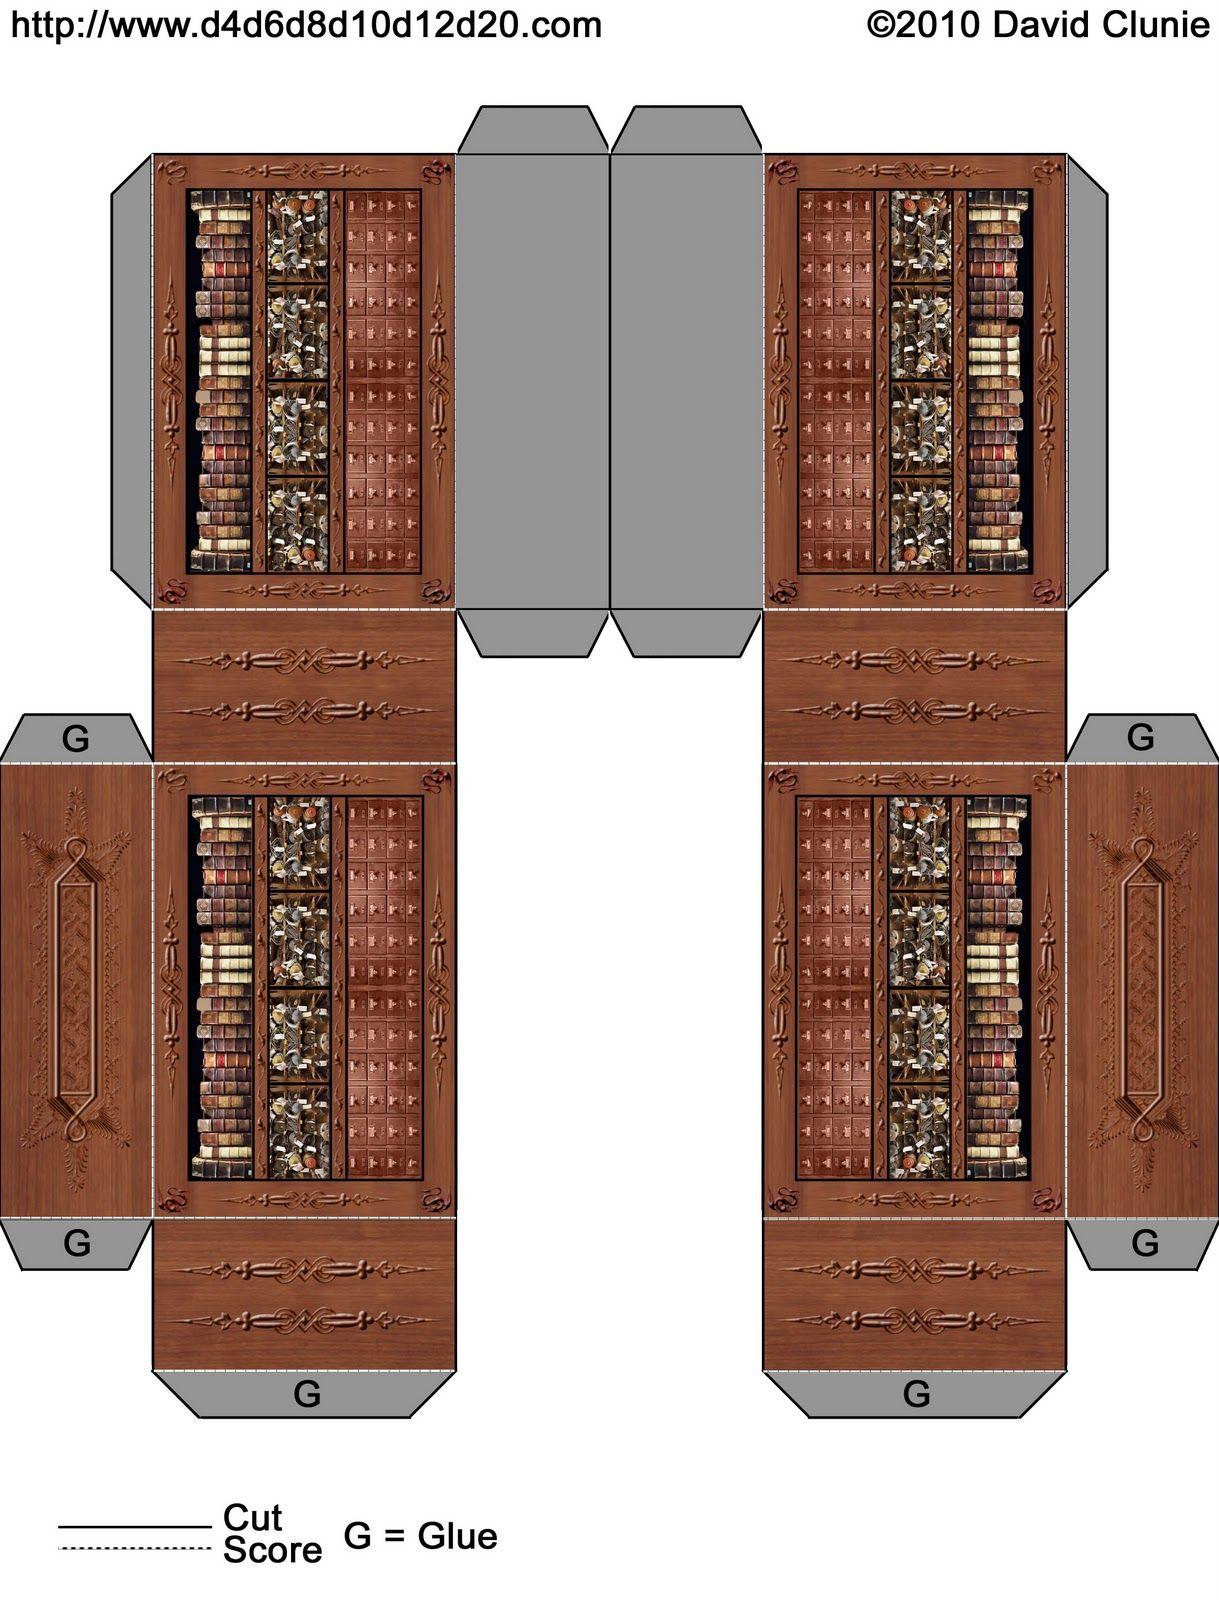 D4d6d8d10d12d20 Free Bookcase Paper Model Paper Craft